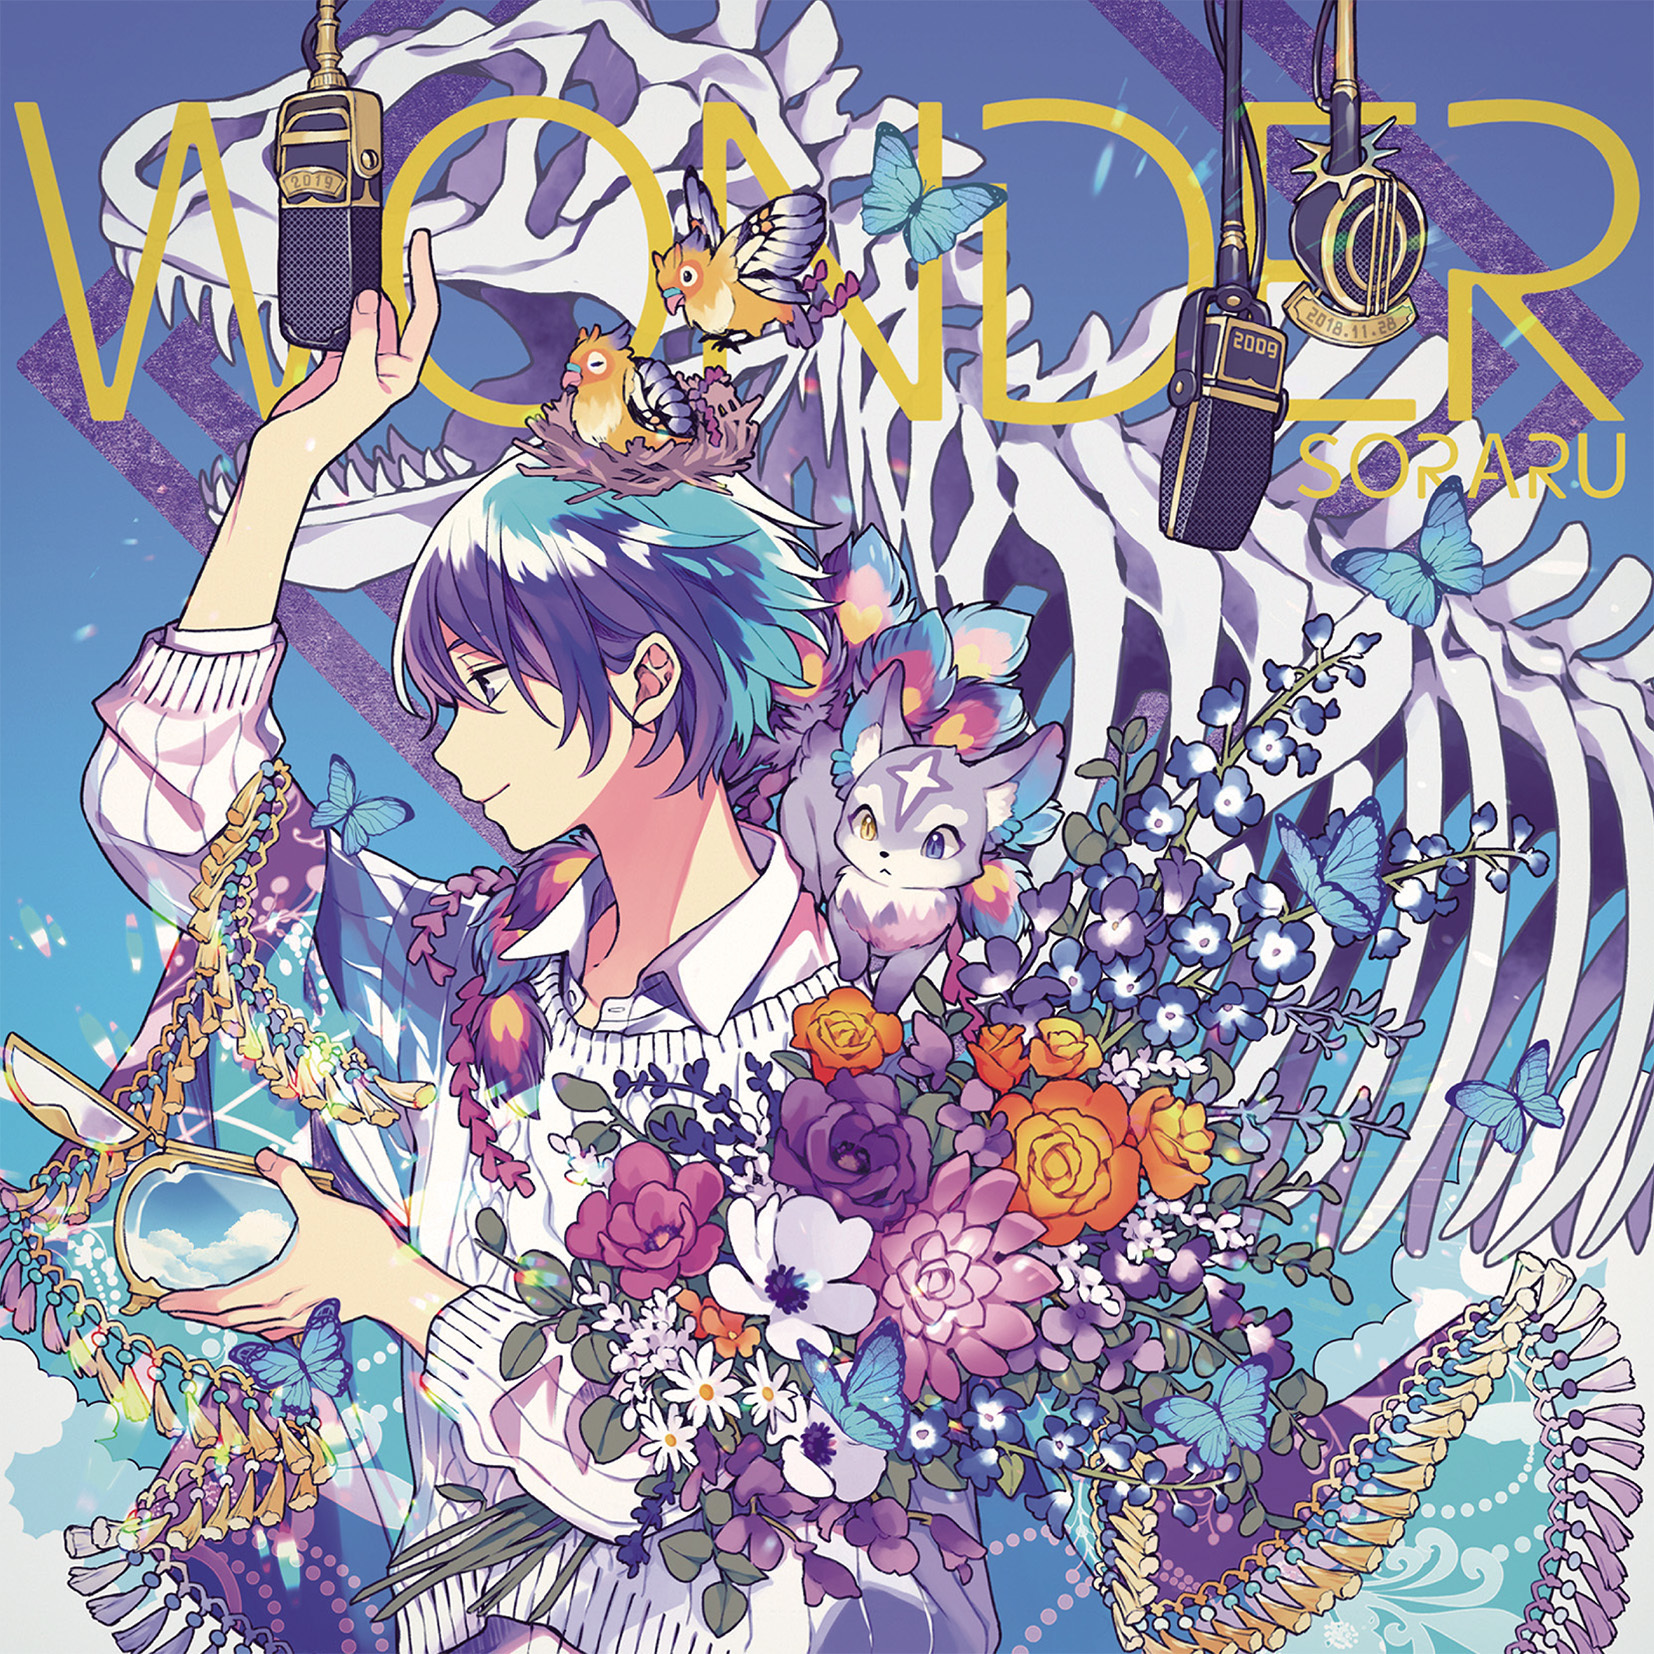 『ワンダー』初回限定盤A